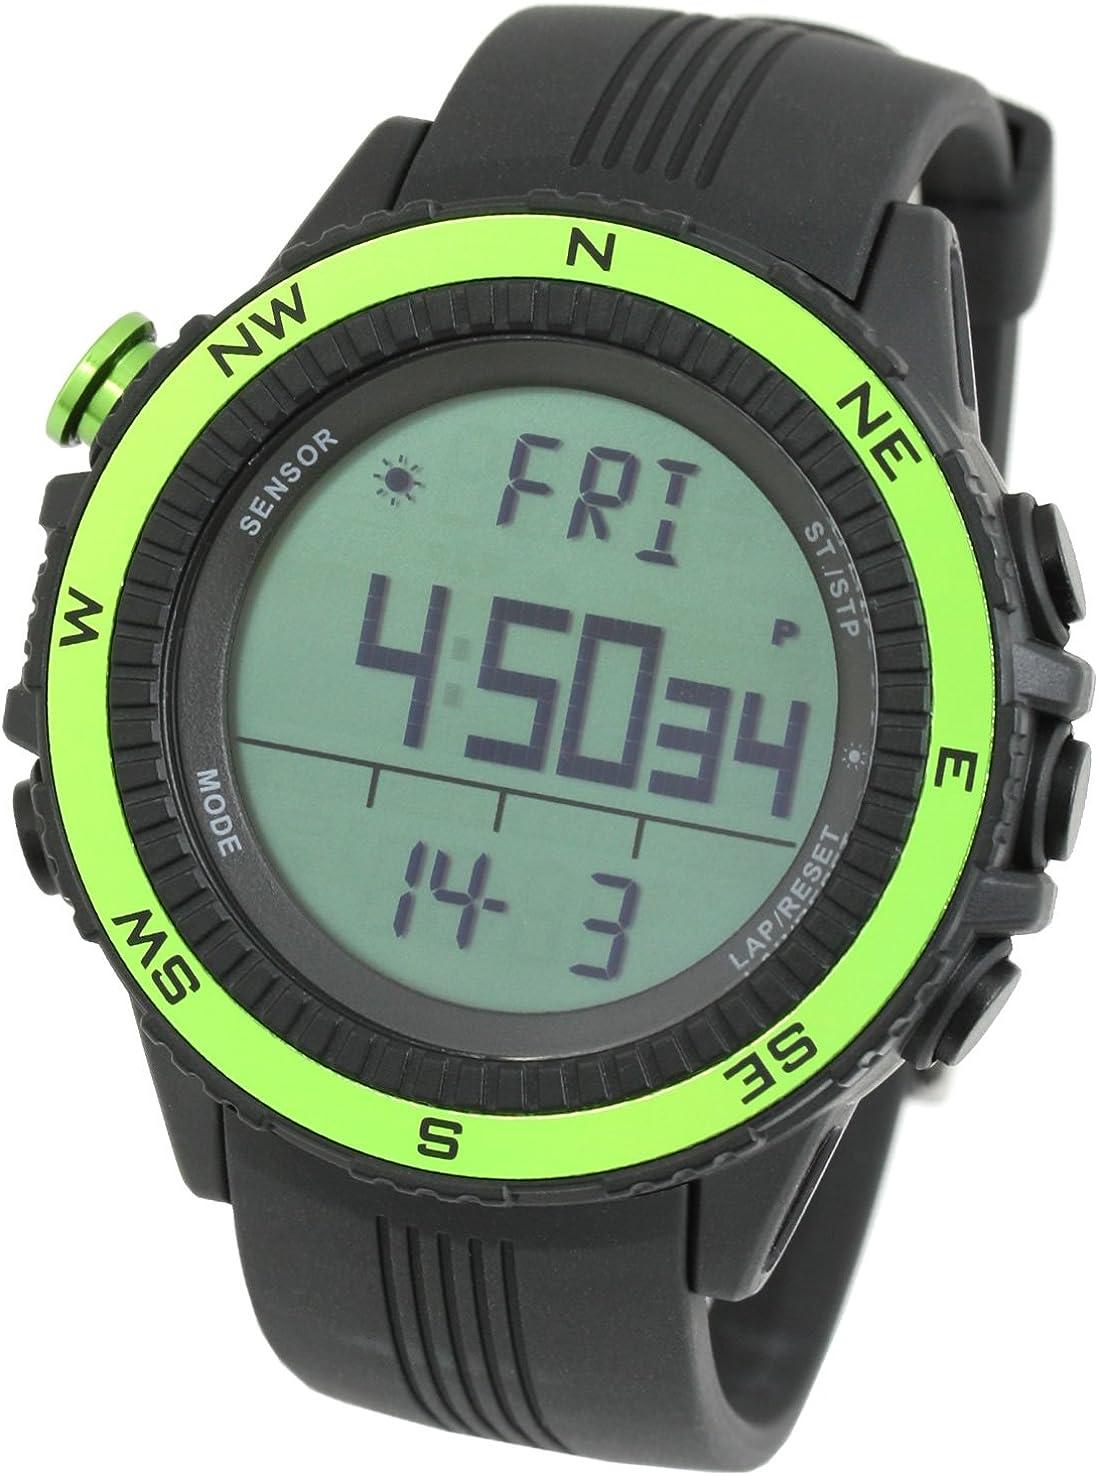 Lad Weather Reloj Altímetro Barómetro Brújula Termómetro Pronóstico del Tiempo Marca de America y Japón Reloj Deportivo al Aire Libre